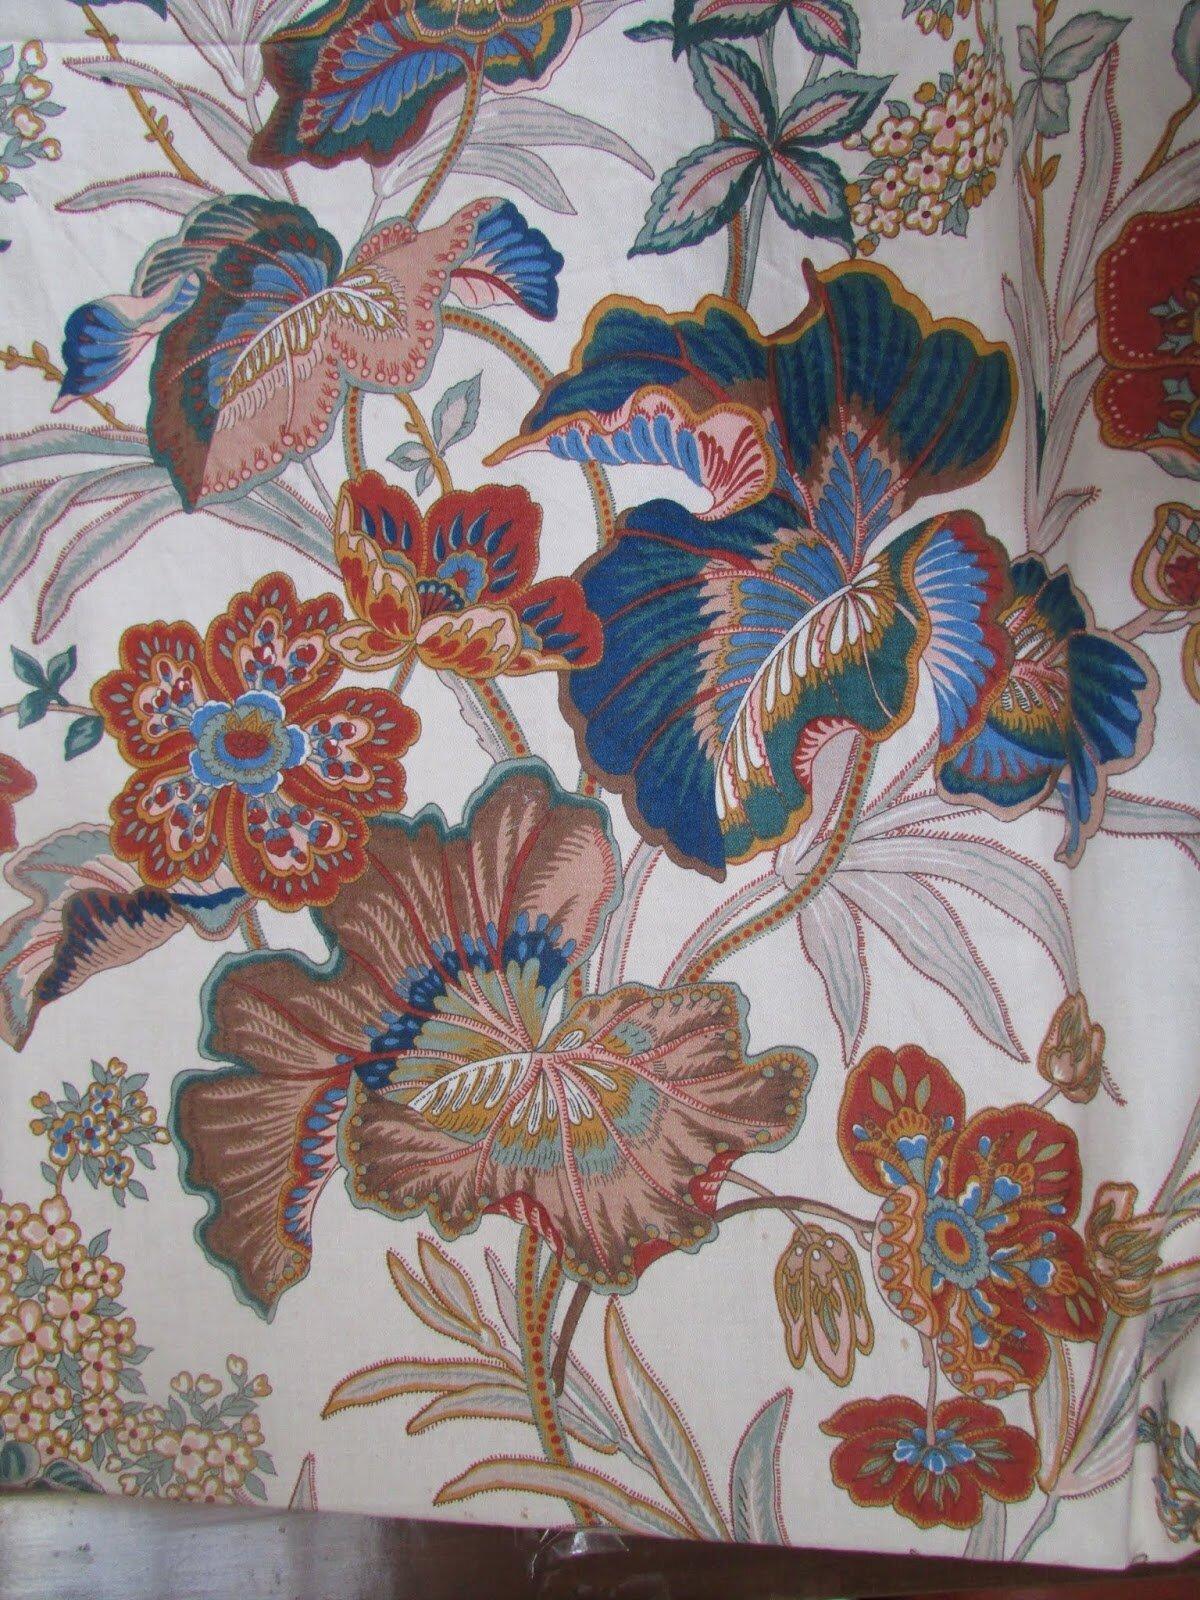 tissu ameublement chintz grosses fleurs mulhouse 1979 chantale poucel a montmorillon 86. Black Bedroom Furniture Sets. Home Design Ideas